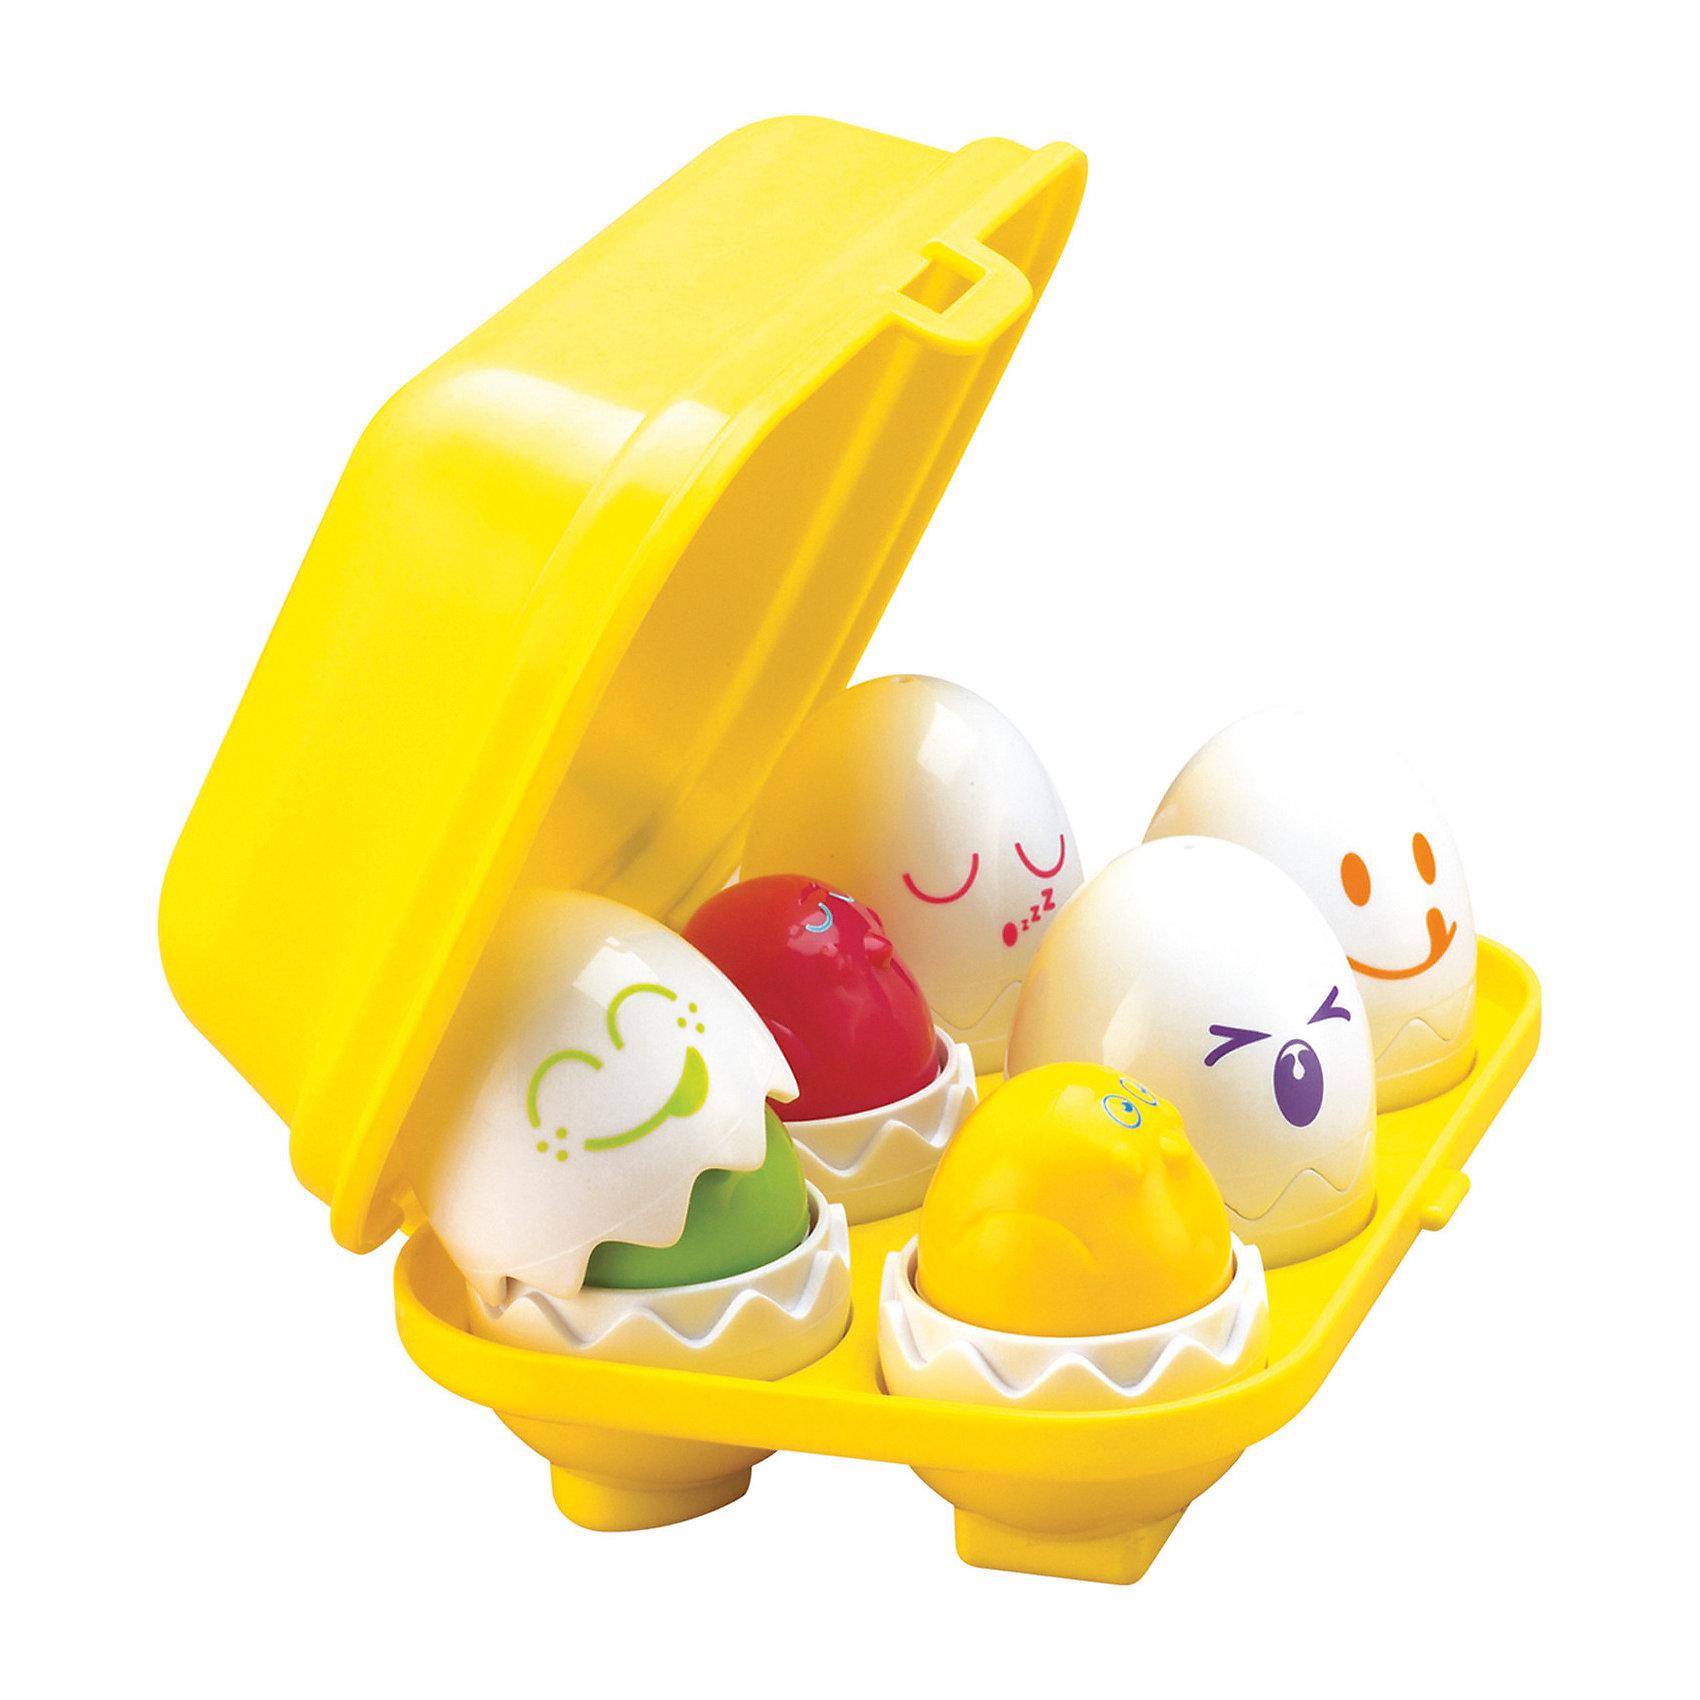 """Игрушка TOMY Найди яйцоИгрушки по суперценам!<br>Никогда ещё Ваш малыш не видел ничего более интересного – великолепная игра-сортер """"Найди яйцо"""" бренда TOMY (Томи) не только развлечет Вашего ребёнка, но и также будет способствовать развитию у него наиважнейших навыков.<br> <br>В небольшом чемоданчике находится 6 различных забавных яиц. В каждом из них находятся разноцветные птенчики. Малышу стоит лишь снять скорлупу с яиц, чтобы найти птенцов. Если он захочет погладить этих забавных созданий, нажав на голову птенца он """"нырнёт"""" обратно в скорлупу с забавным звуком.<br><br>Все яйца можно без труда достать из контейнера – но поставить их обратно будет не так-то просто, так как каждое яйцо обладает специальной формой (сердце, треугольник, квадратик, кружок, крестик и звёздочка) для крепления к чемоданчику.<br><br>Находя подходящее место для яичек, у малыша будет непосредственно развиваться логика. Он начнёт лучше различать формы и геометрические фигуры. Данная игрушка также способствует улучшению концентрации и памяти ребёнка и развитию причинно-следственной связи.<br><br>Отлично подходит как для мальчиков, так и для девочек.<br>Ну, разве это не сказка? Спешите порадовать Вашего ребёнка!<br><br>В набор входят:<br>- 6 яиц с различными смешными мордашками<br>- разноцветные птенцы, находящиеся в яйцах<br>- контейнер для яичек<br><br>Дополнительная информация:<br>Материал – высококачественный пластик<br>Вес – 350 гр<br>Размер – 21 х 17 х 8 см<br><br>Игрушку Найди яйцо, TOMY (Томи) можно купить в нашем магазине.<br><br>Ширина мм: 215<br>Глубина мм: 147<br>Высота мм: 83<br>Вес г: 377<br>Возраст от месяцев: 12<br>Возраст до месяцев: 48<br>Пол: Унисекс<br>Возраст: Детский<br>SKU: 1602928"""